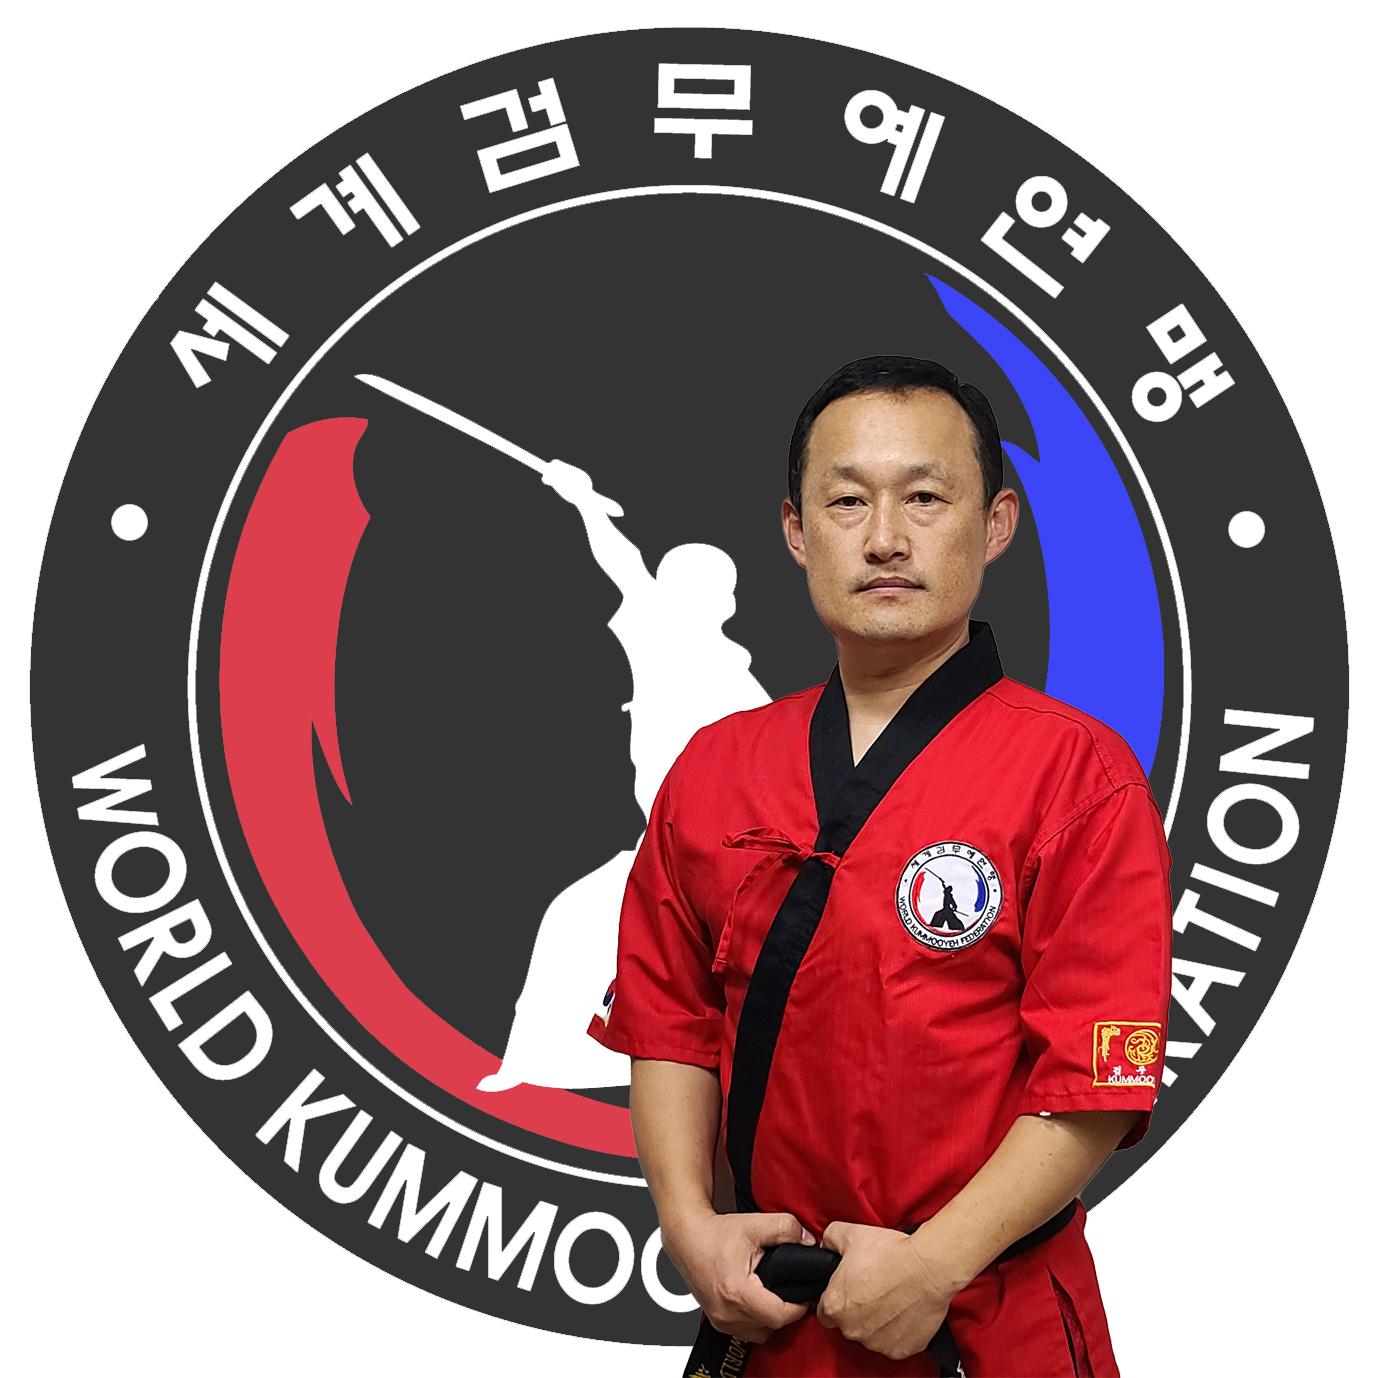 Hyun Kyoo Jang